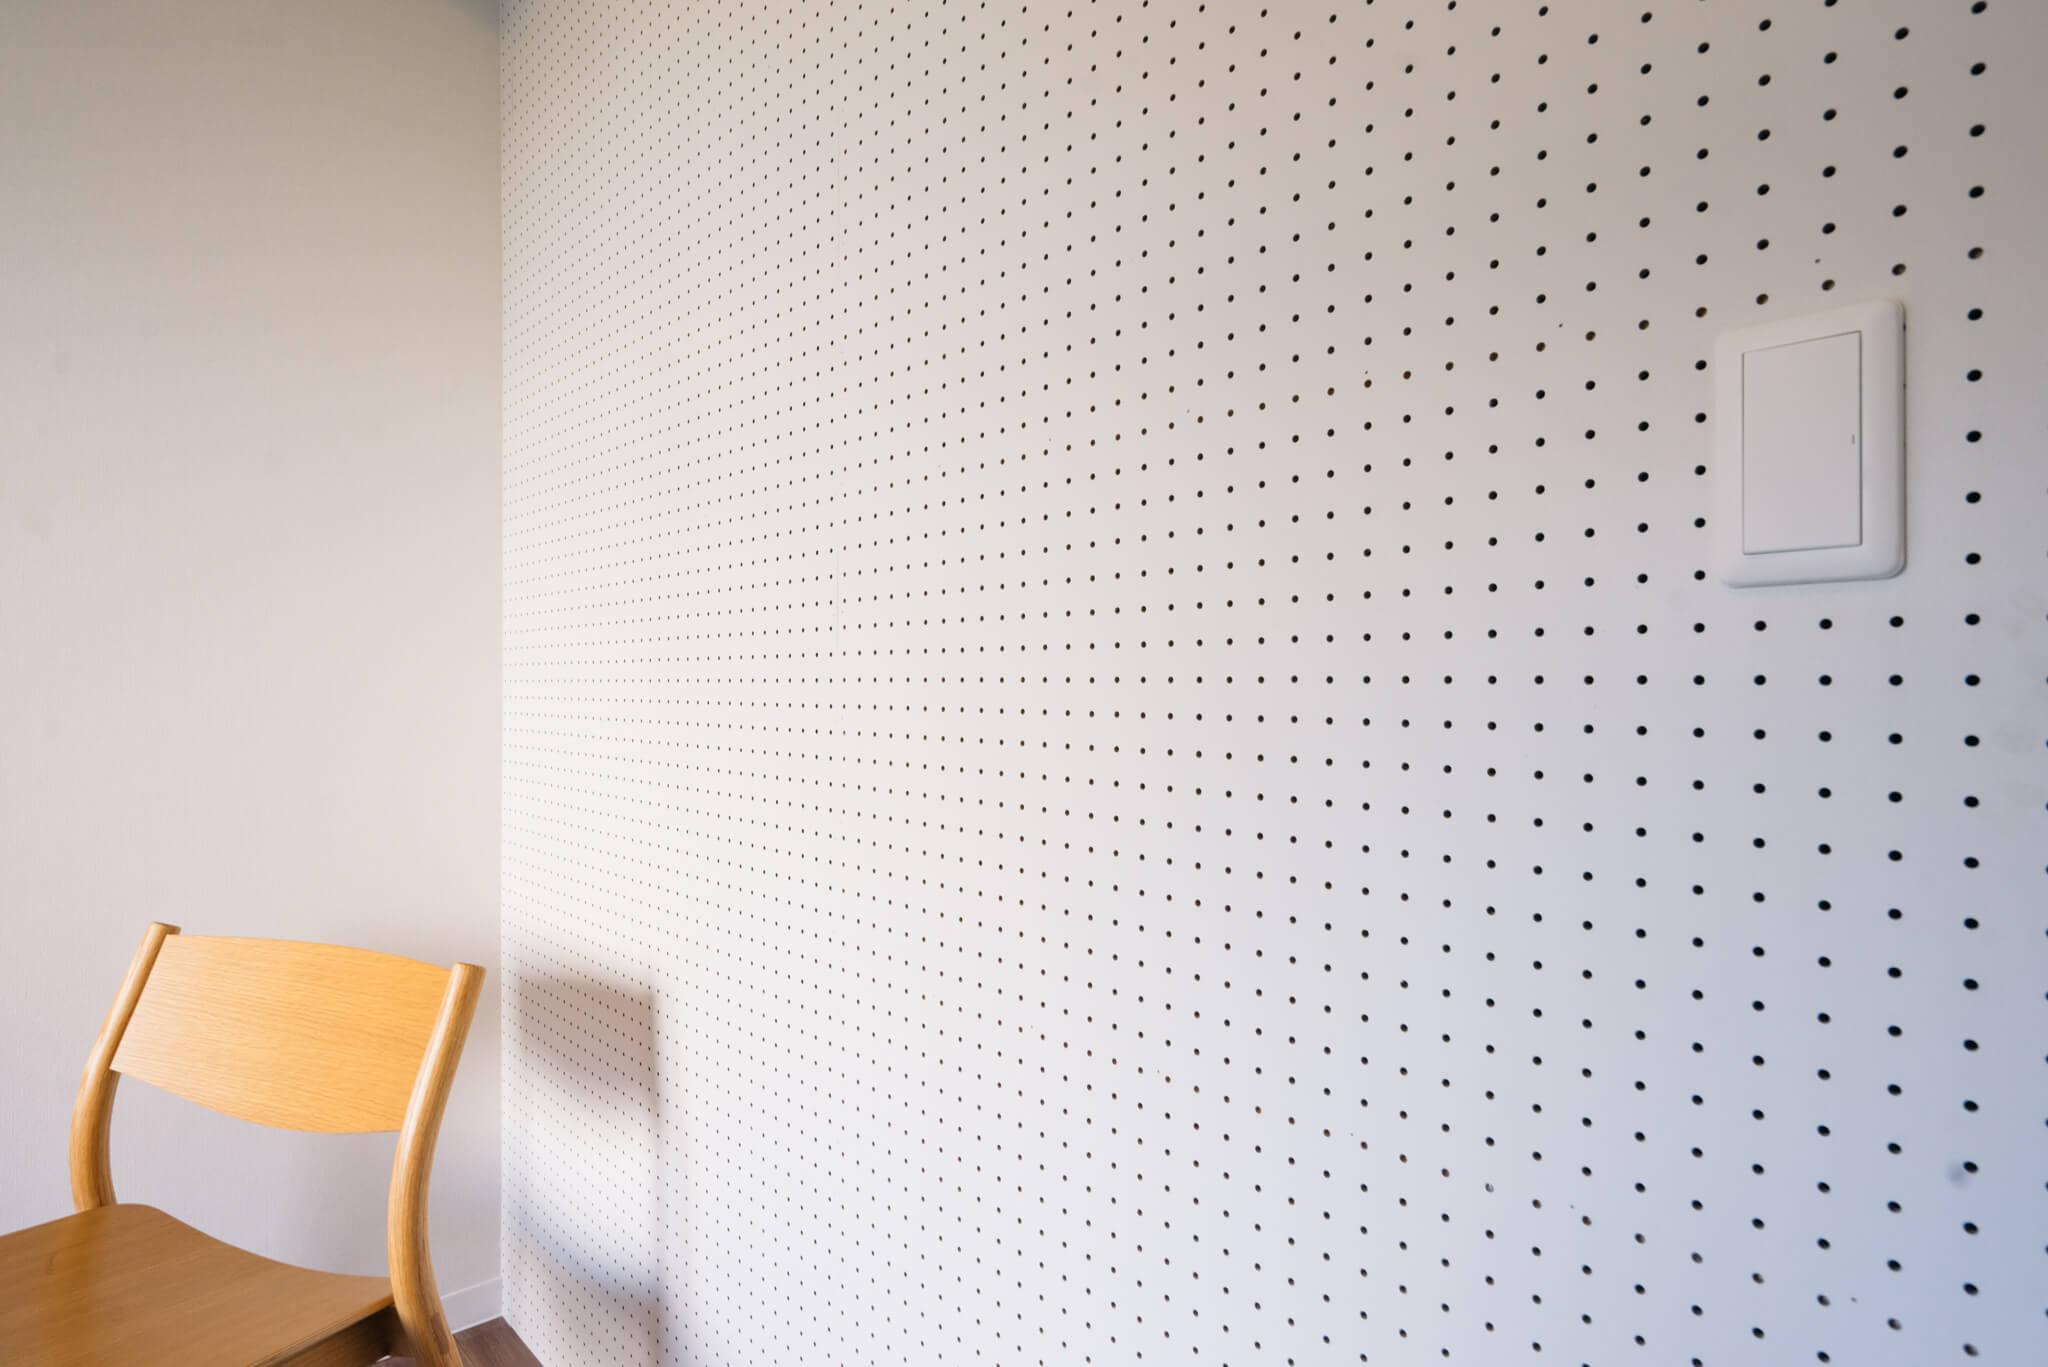 壁の一面が有孔ボードになっていて、フックや棚をつけて自分好みにカスタマイズできるのも嬉しいです。